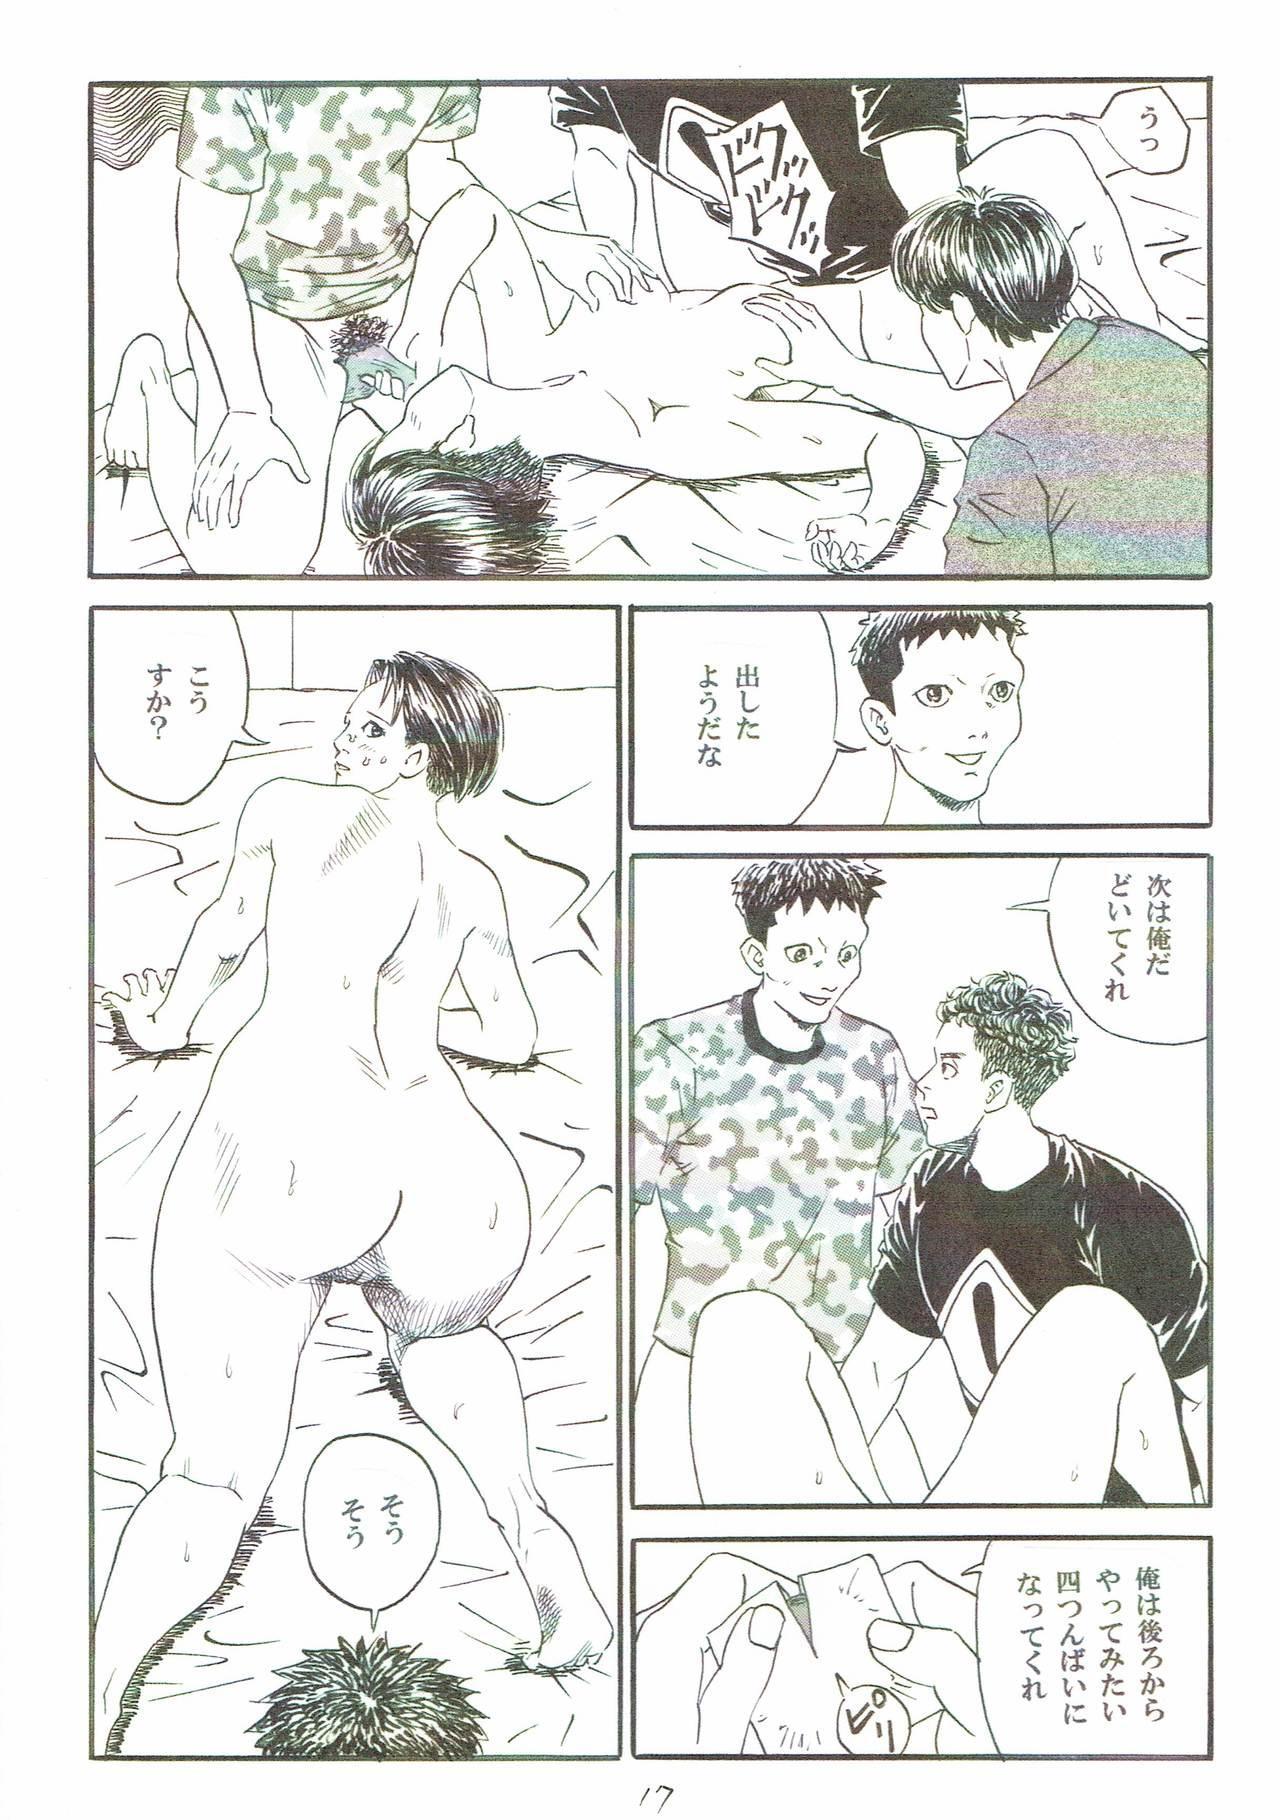 Atarashii Seikyouiku5 17